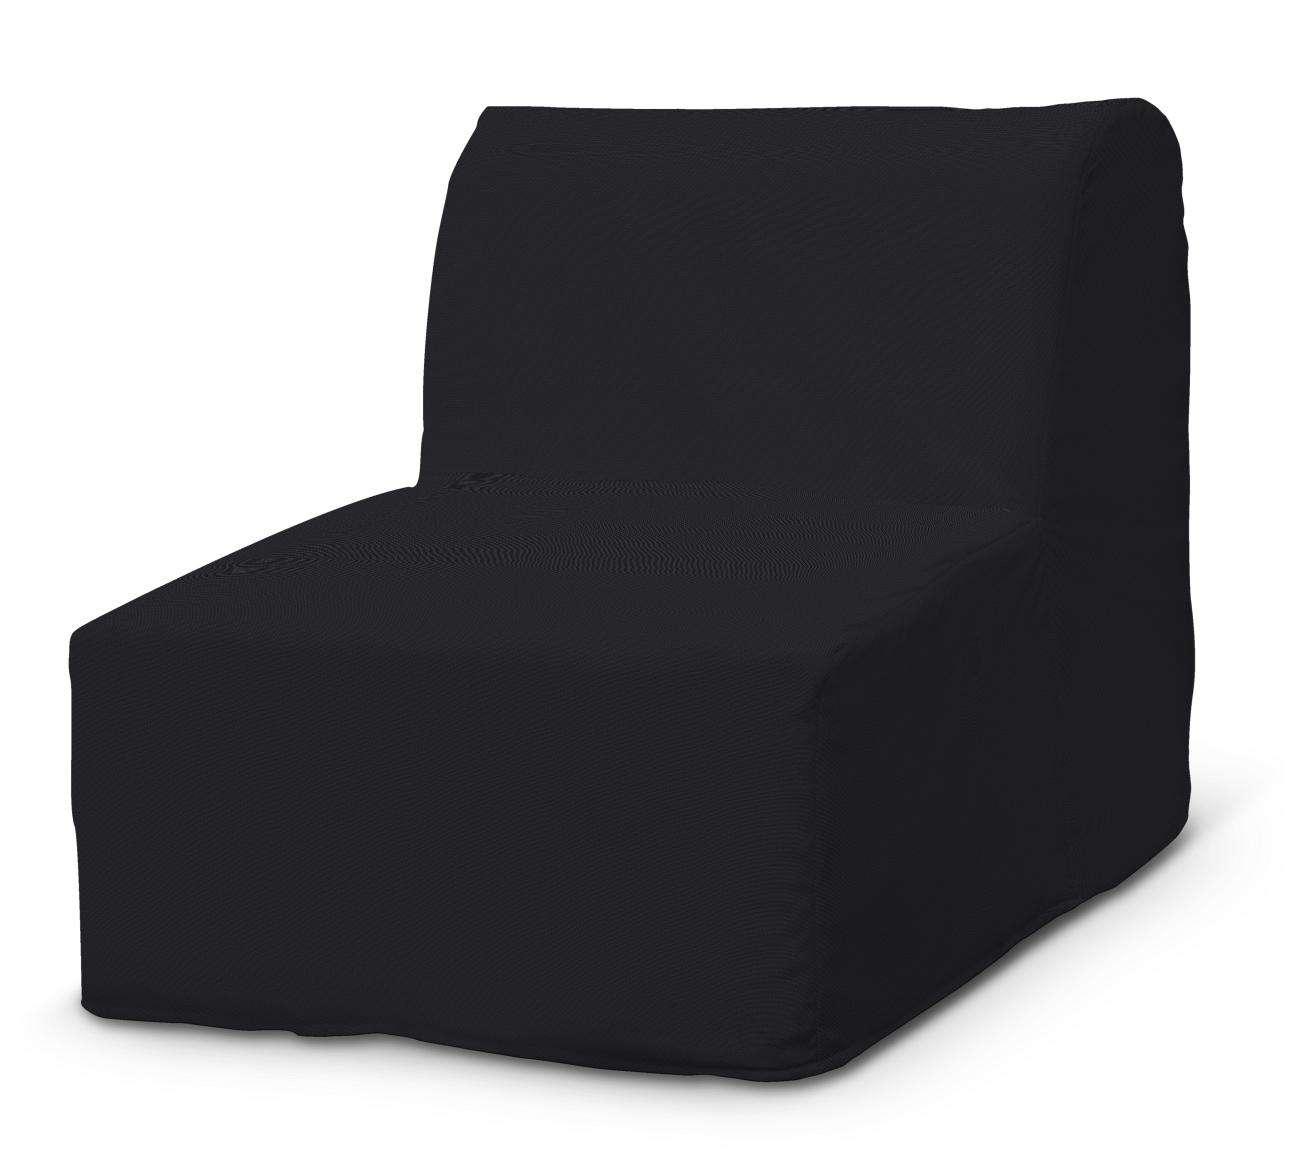 Lycksele Sesselbezug fotel Lycksele von der Kollektion Etna, Stoff: 705-00